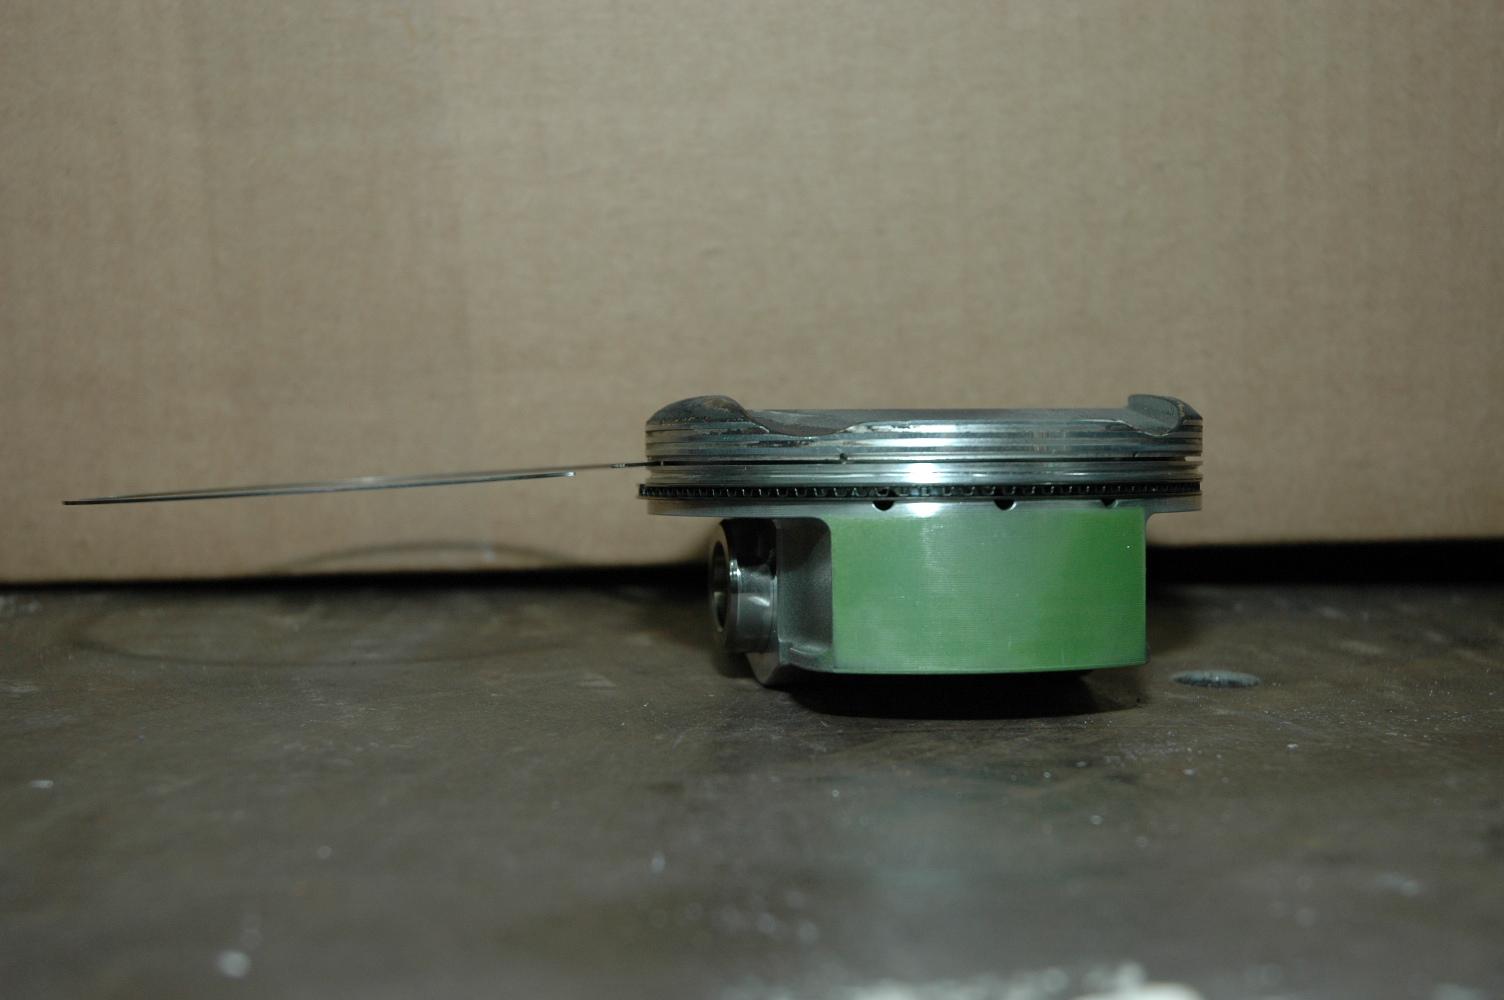 Baldor L1410t Capacitor Wiring Diagram